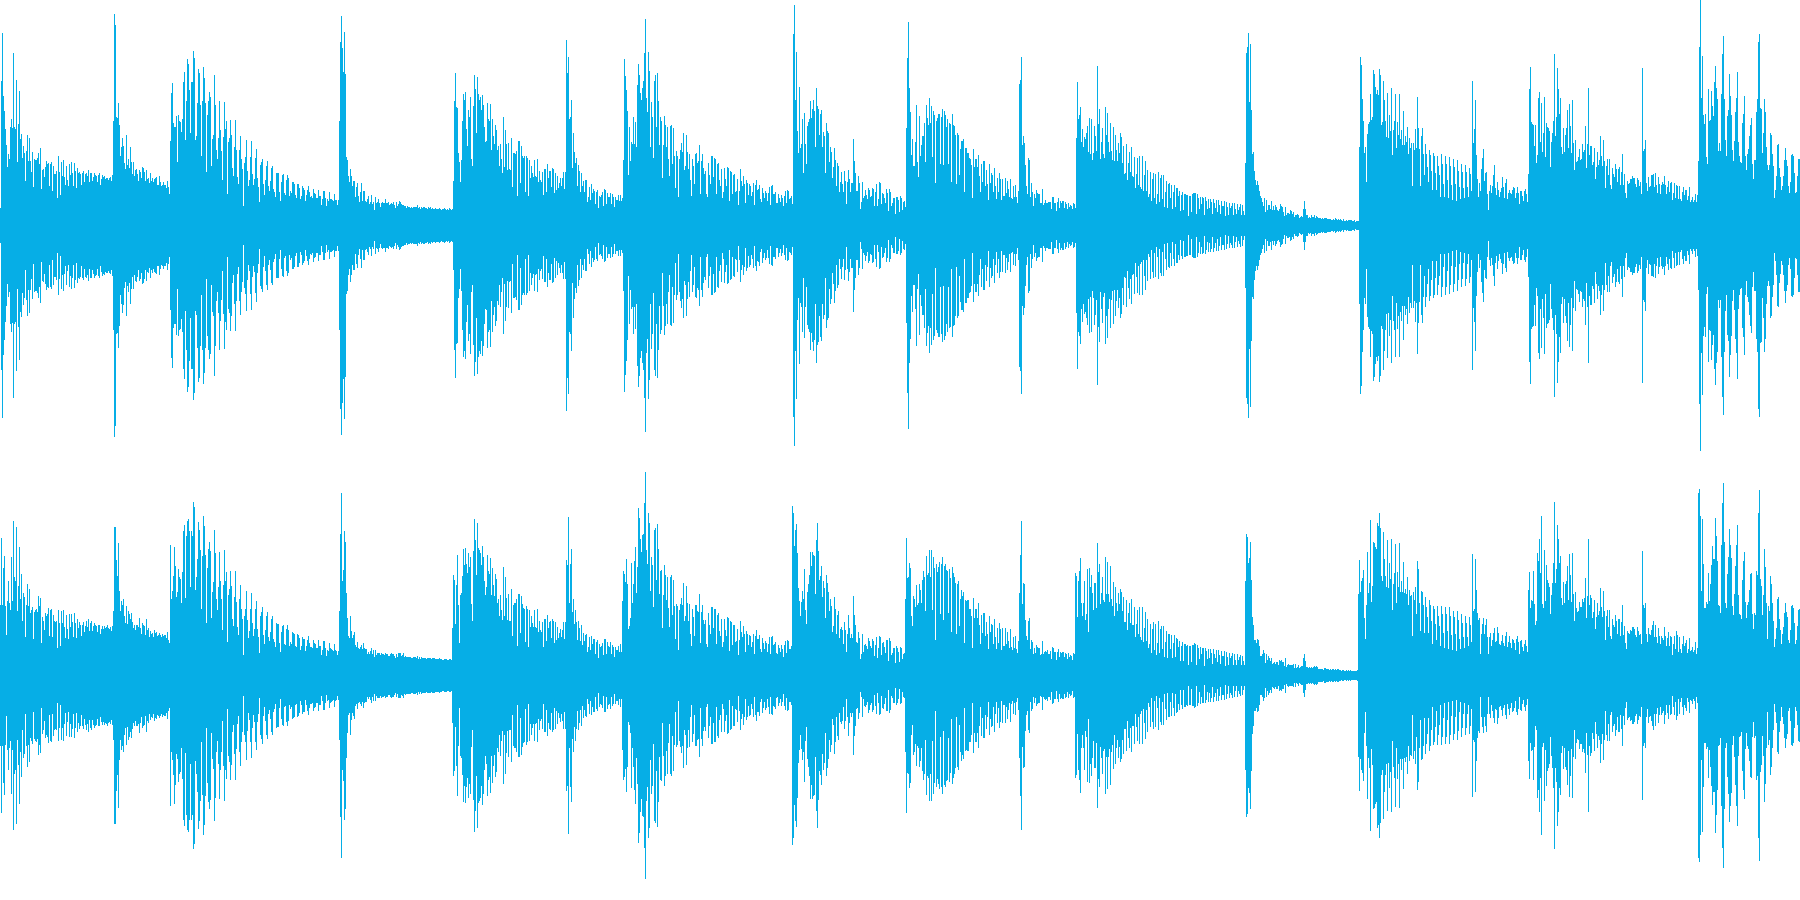 ジャングル熱帯リゾートのBGM_LOOPの再生済みの波形